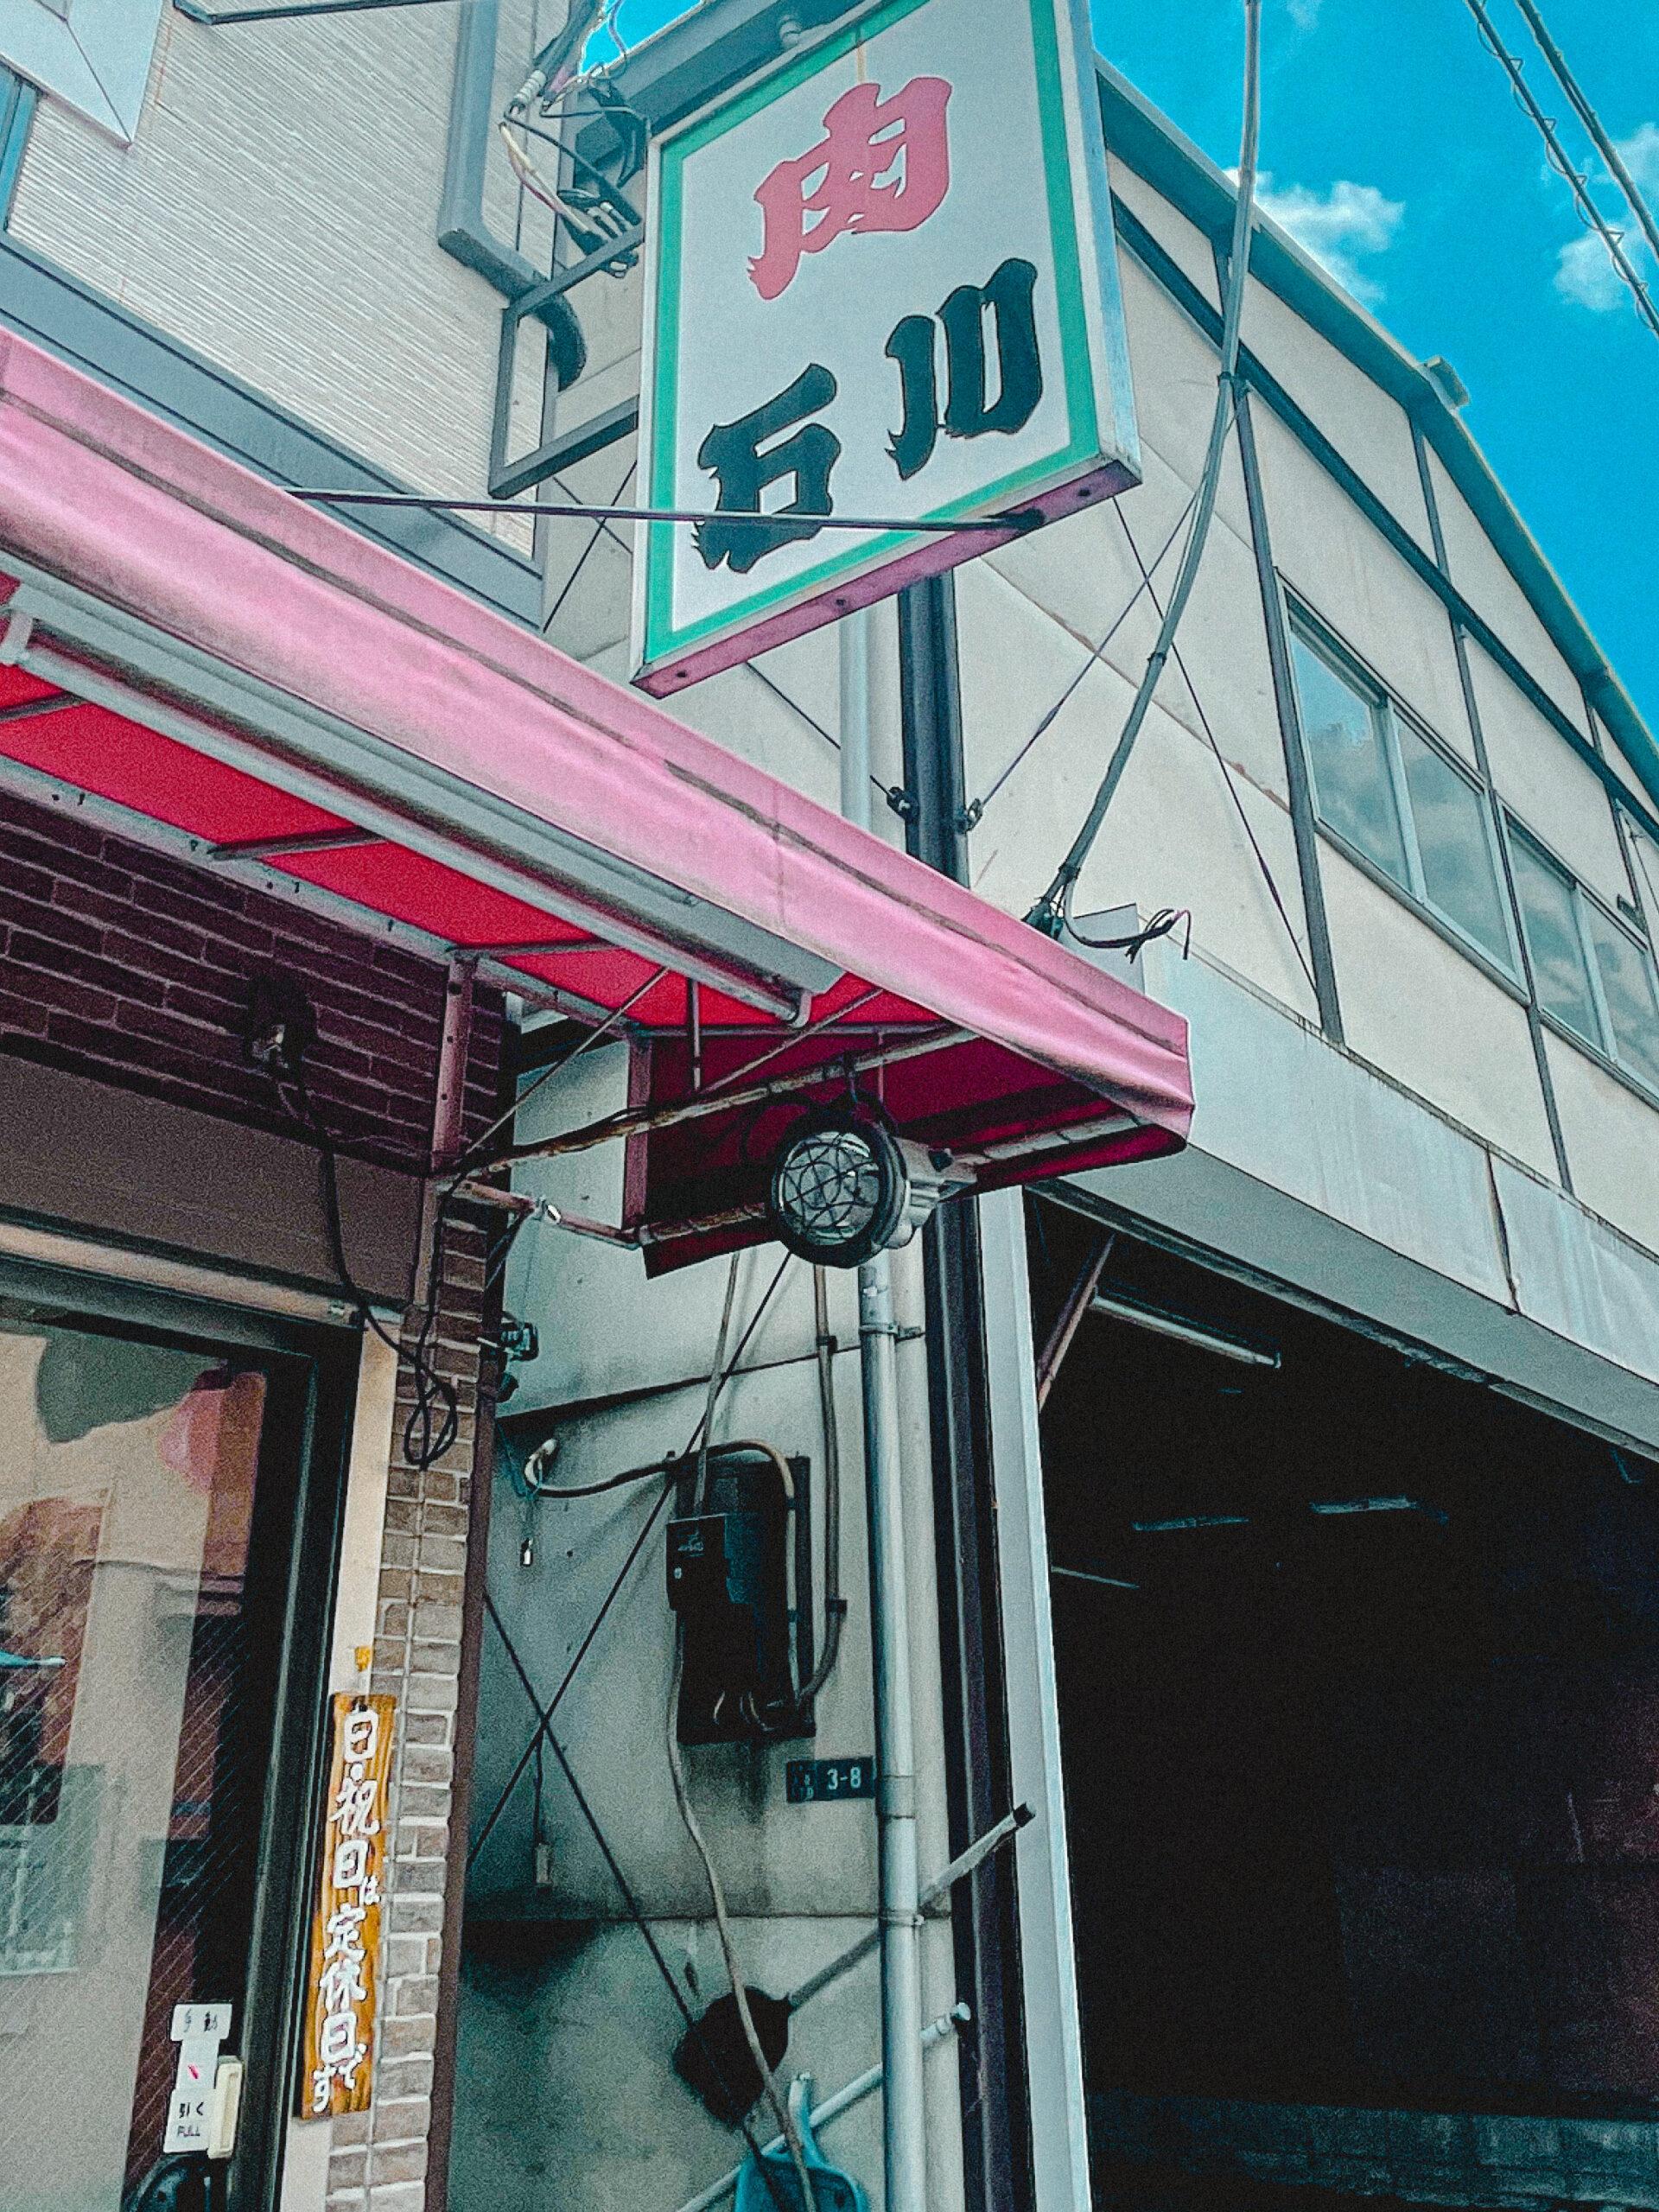 入谷 太田ハム グルメ 台東区 ロースハム ベーコン ソーセージ ロブション 通販 下町グルメ 肉屋